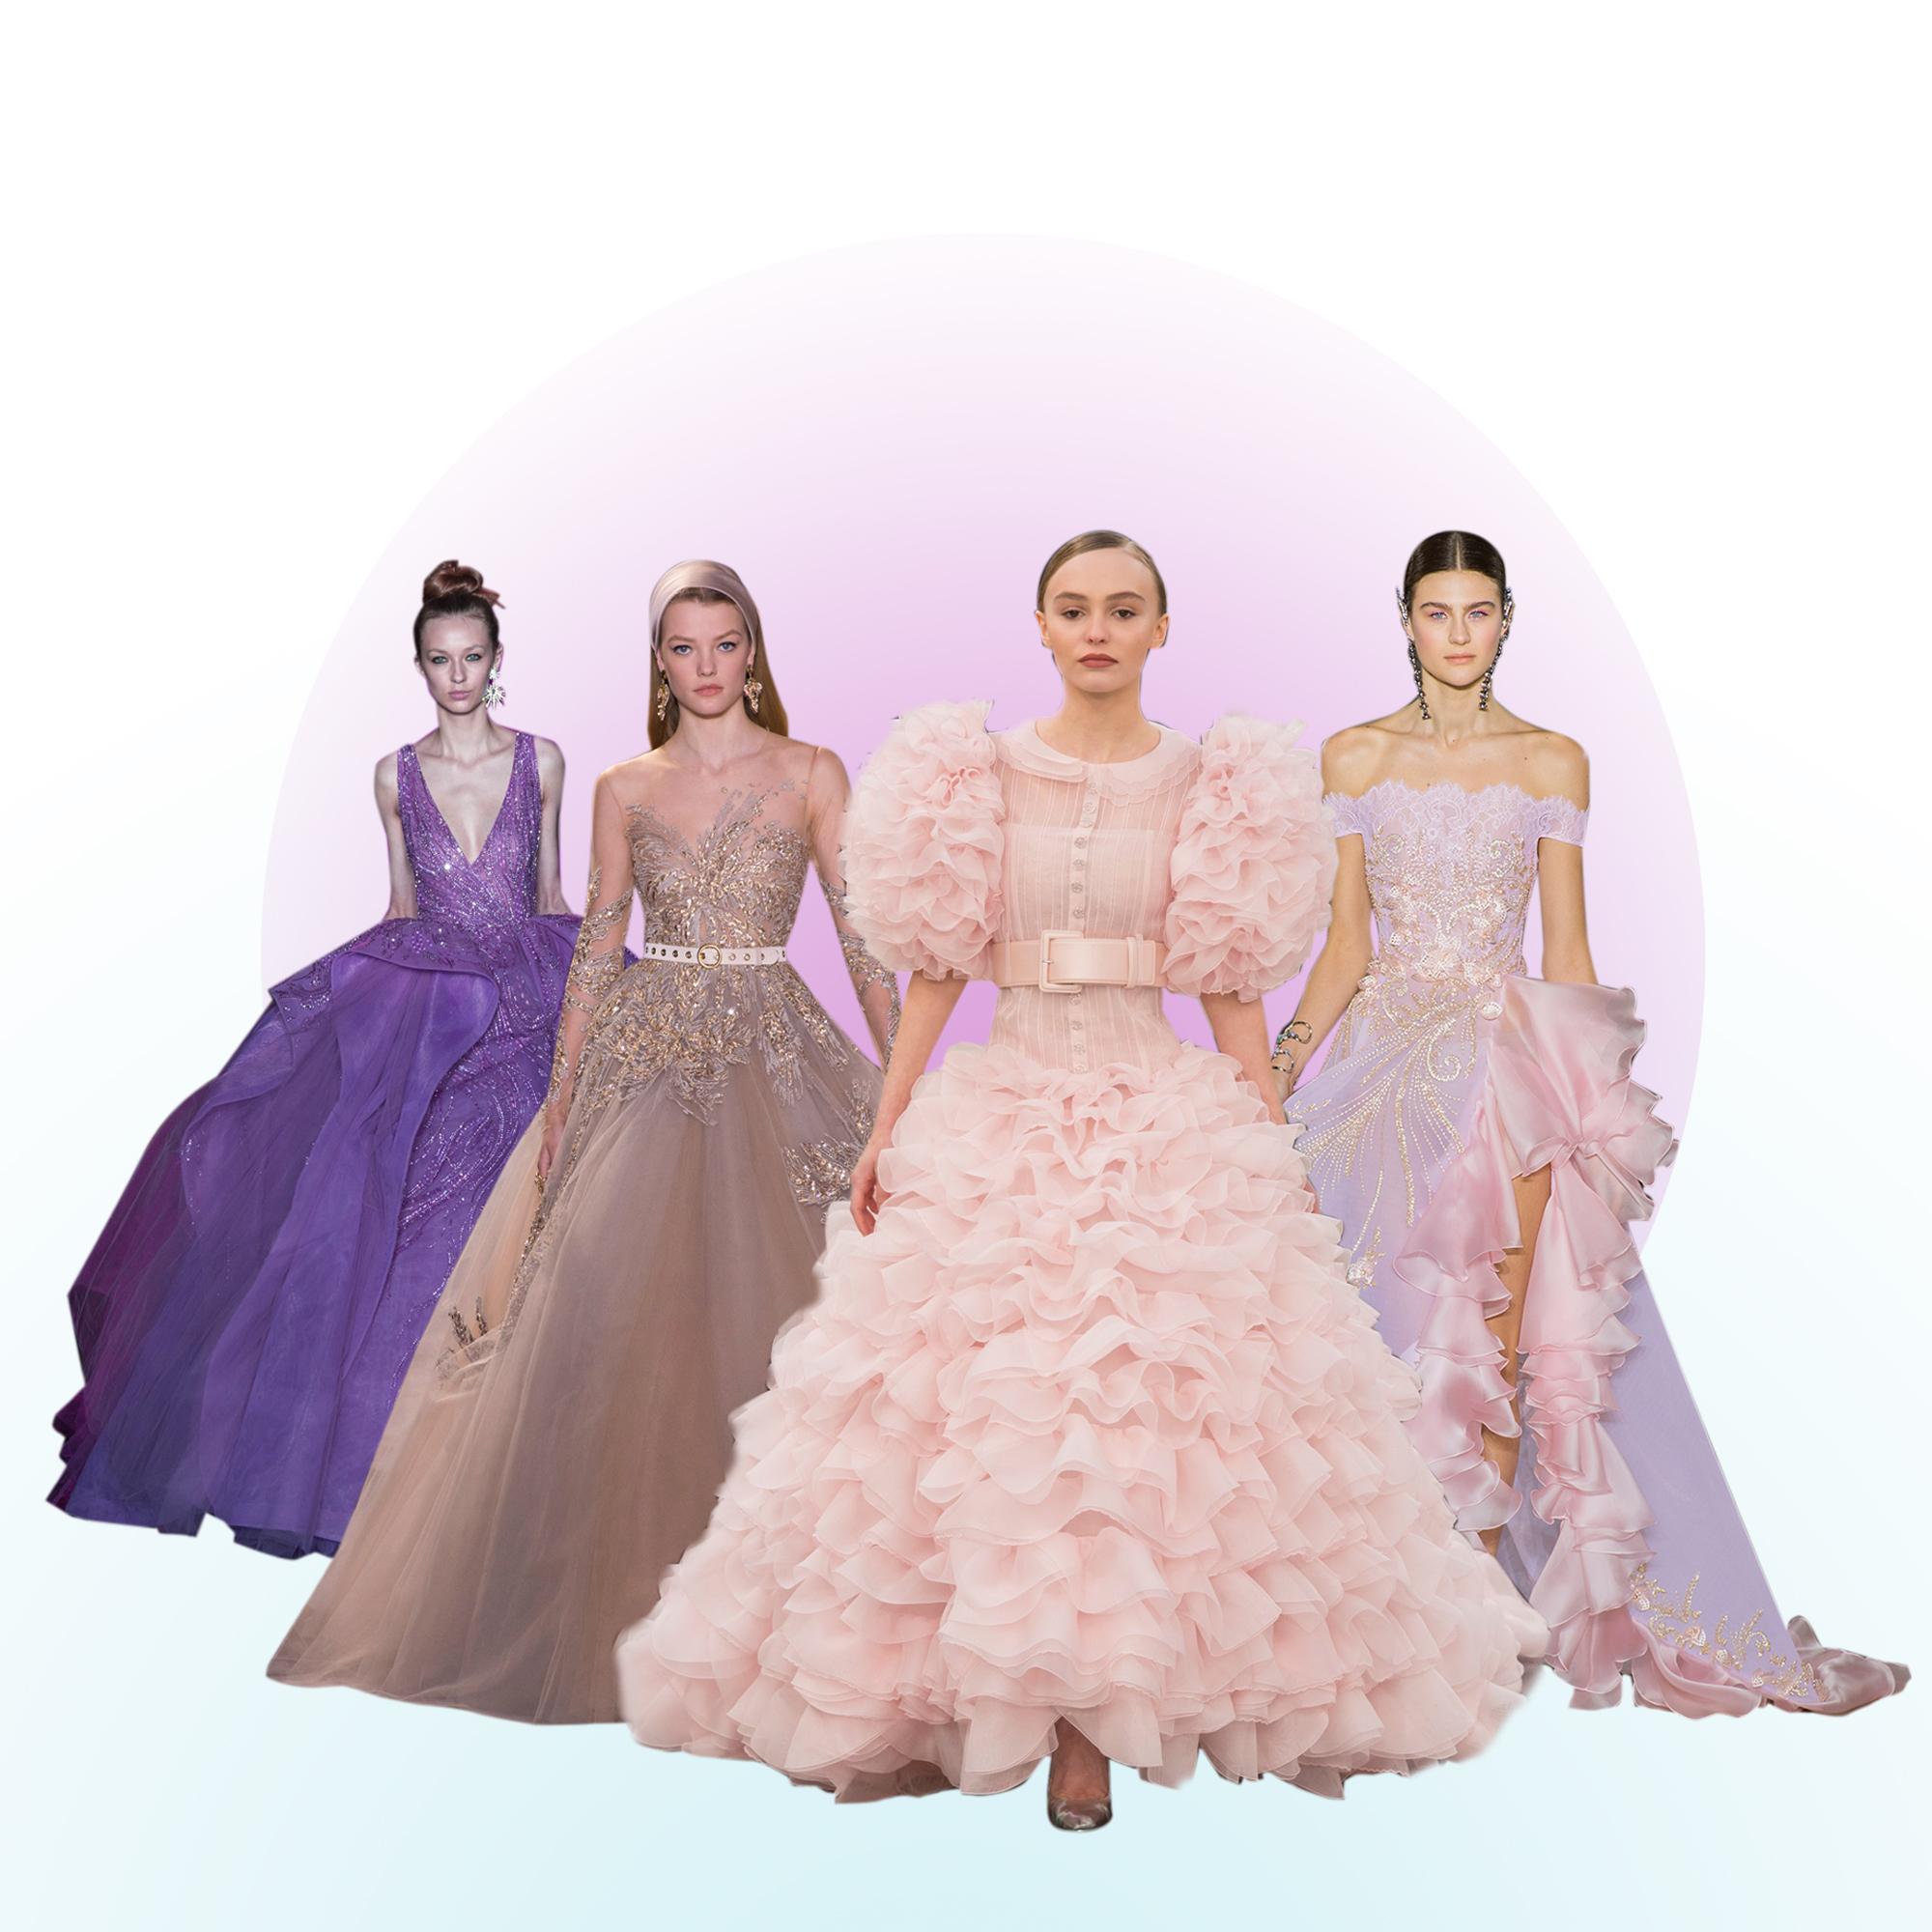 Robe de bal les plus belles robes de bal vues sur les for Robes de bal de plage robe de bal